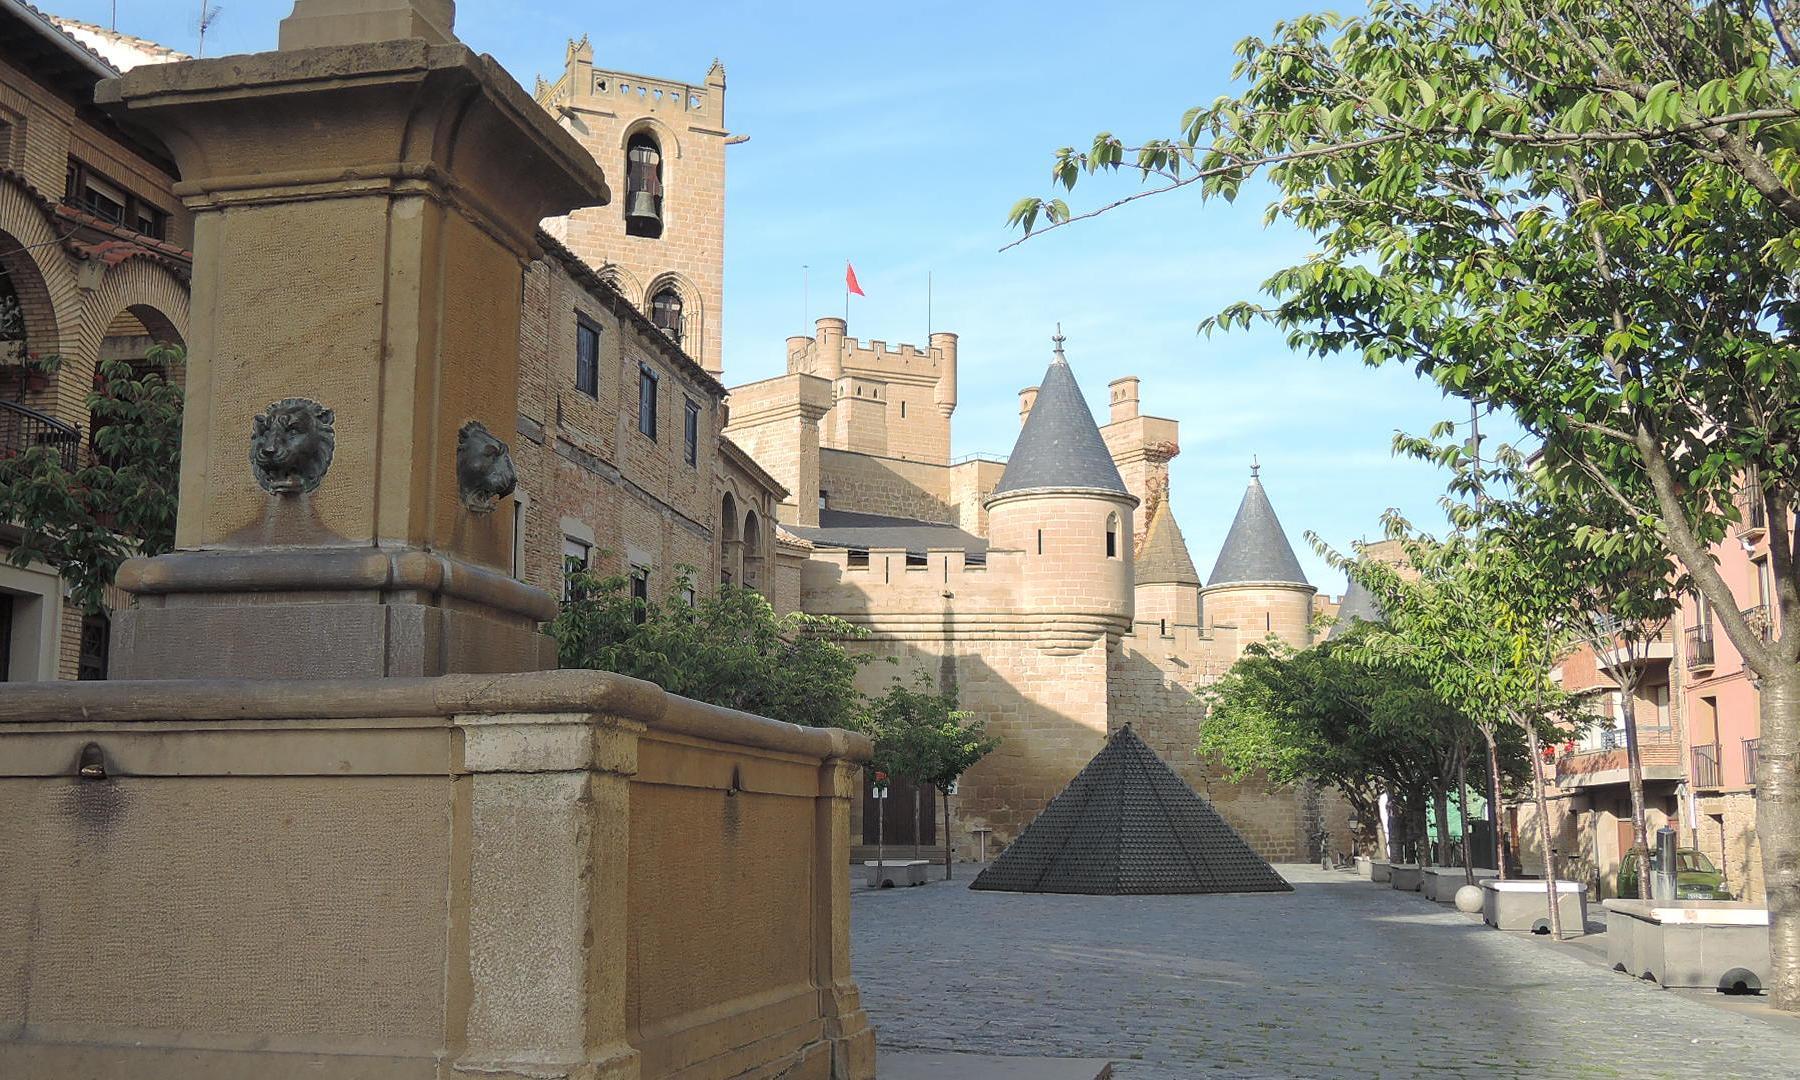 Plaza de San Martín, el centro social del pueblo, y castillo al fondo.